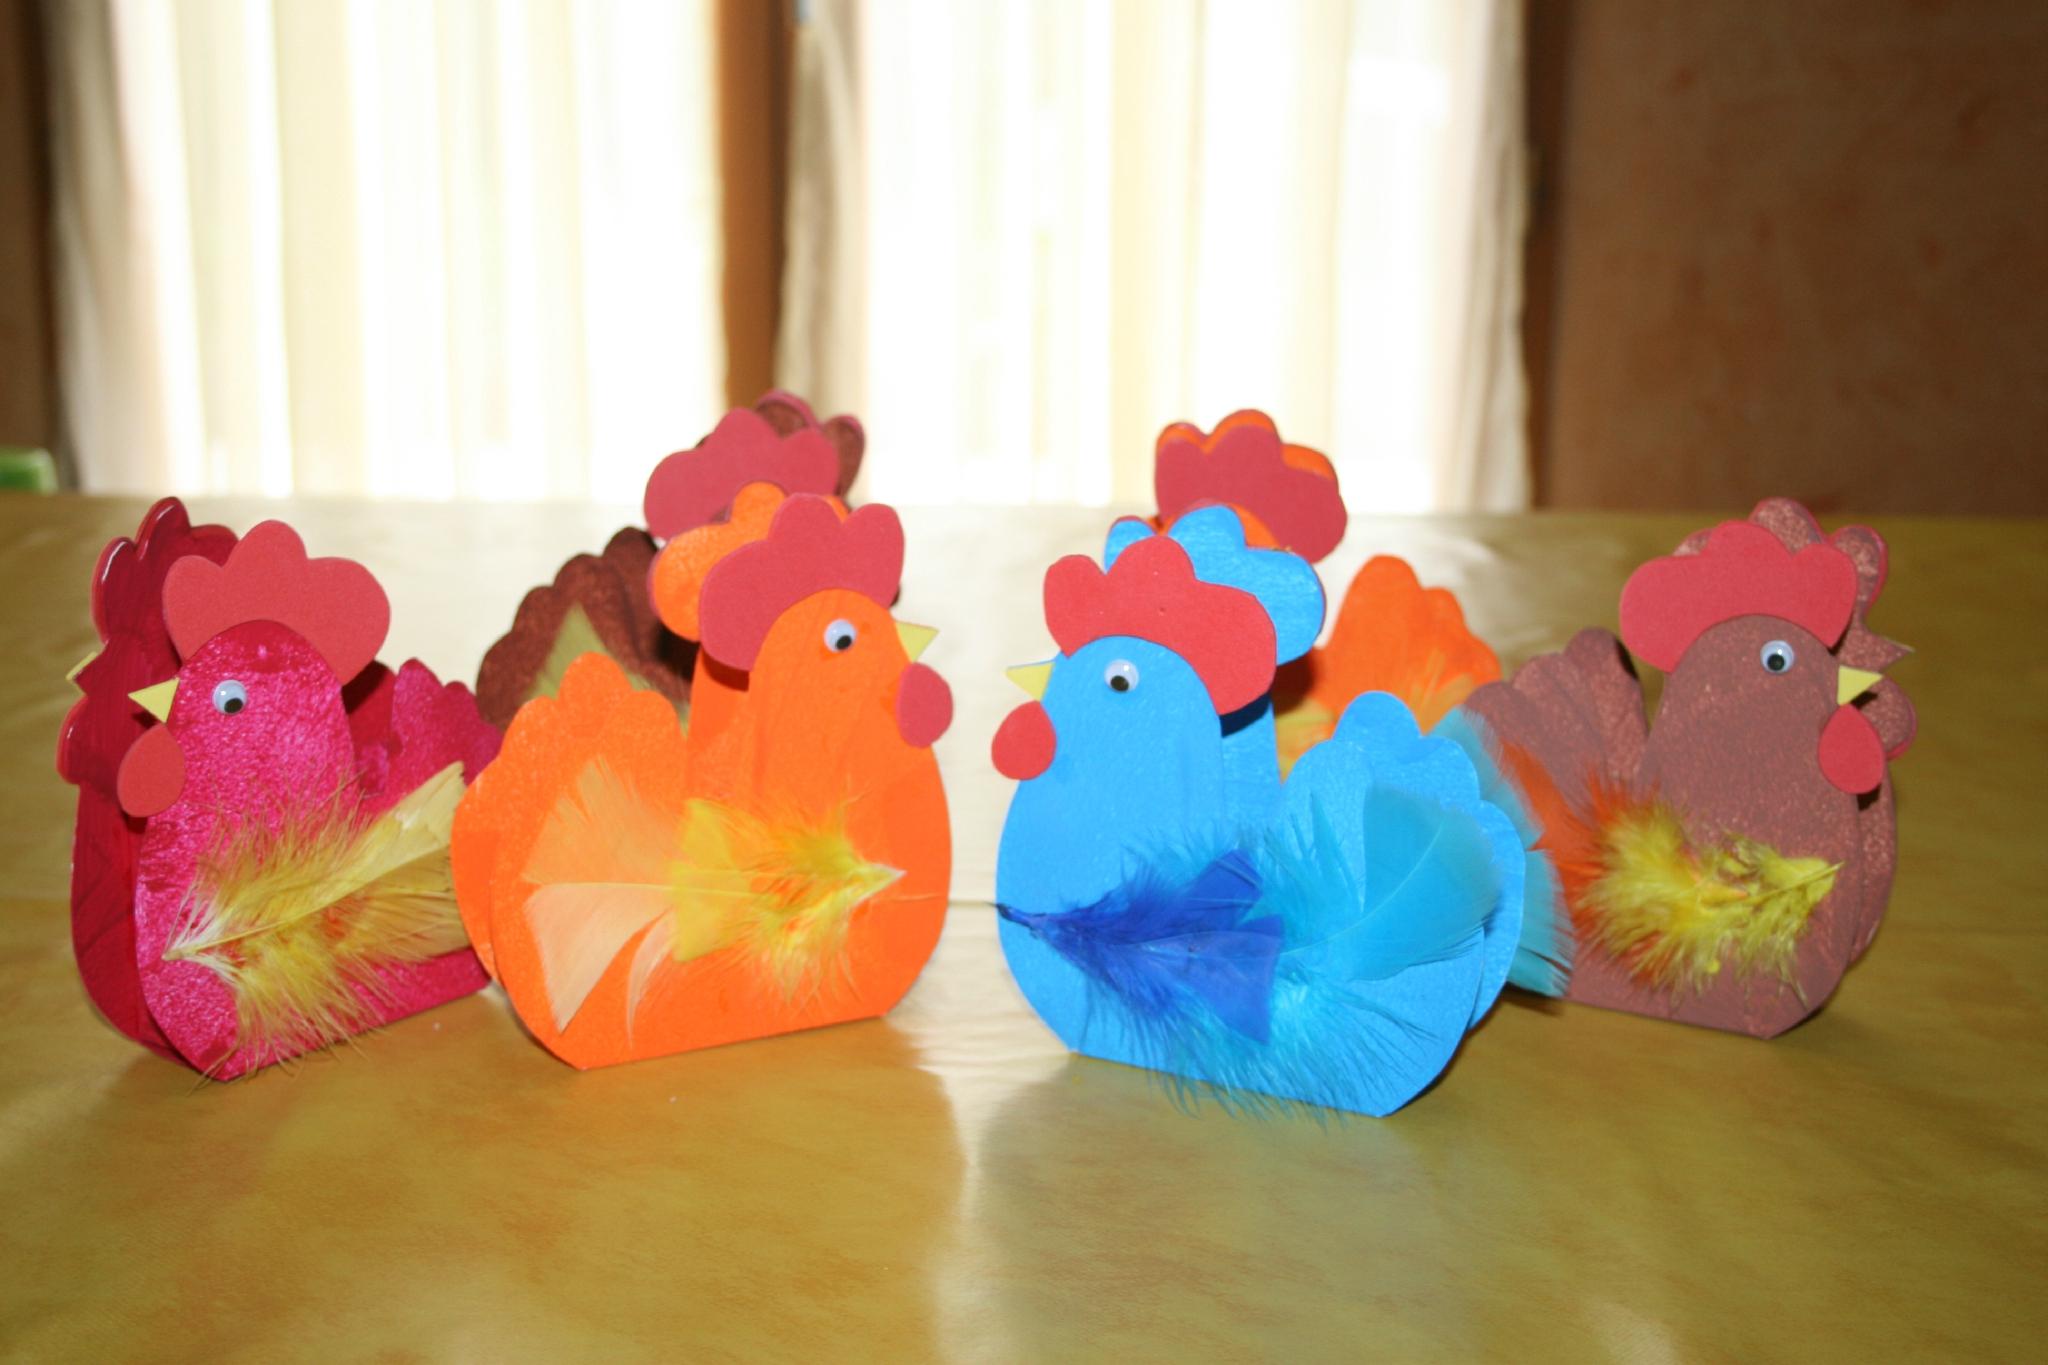 Paniers De Pâques En Forme De Poule - Les Lutins Créatifs intérieur Bricolage Pour Paques Maternelle